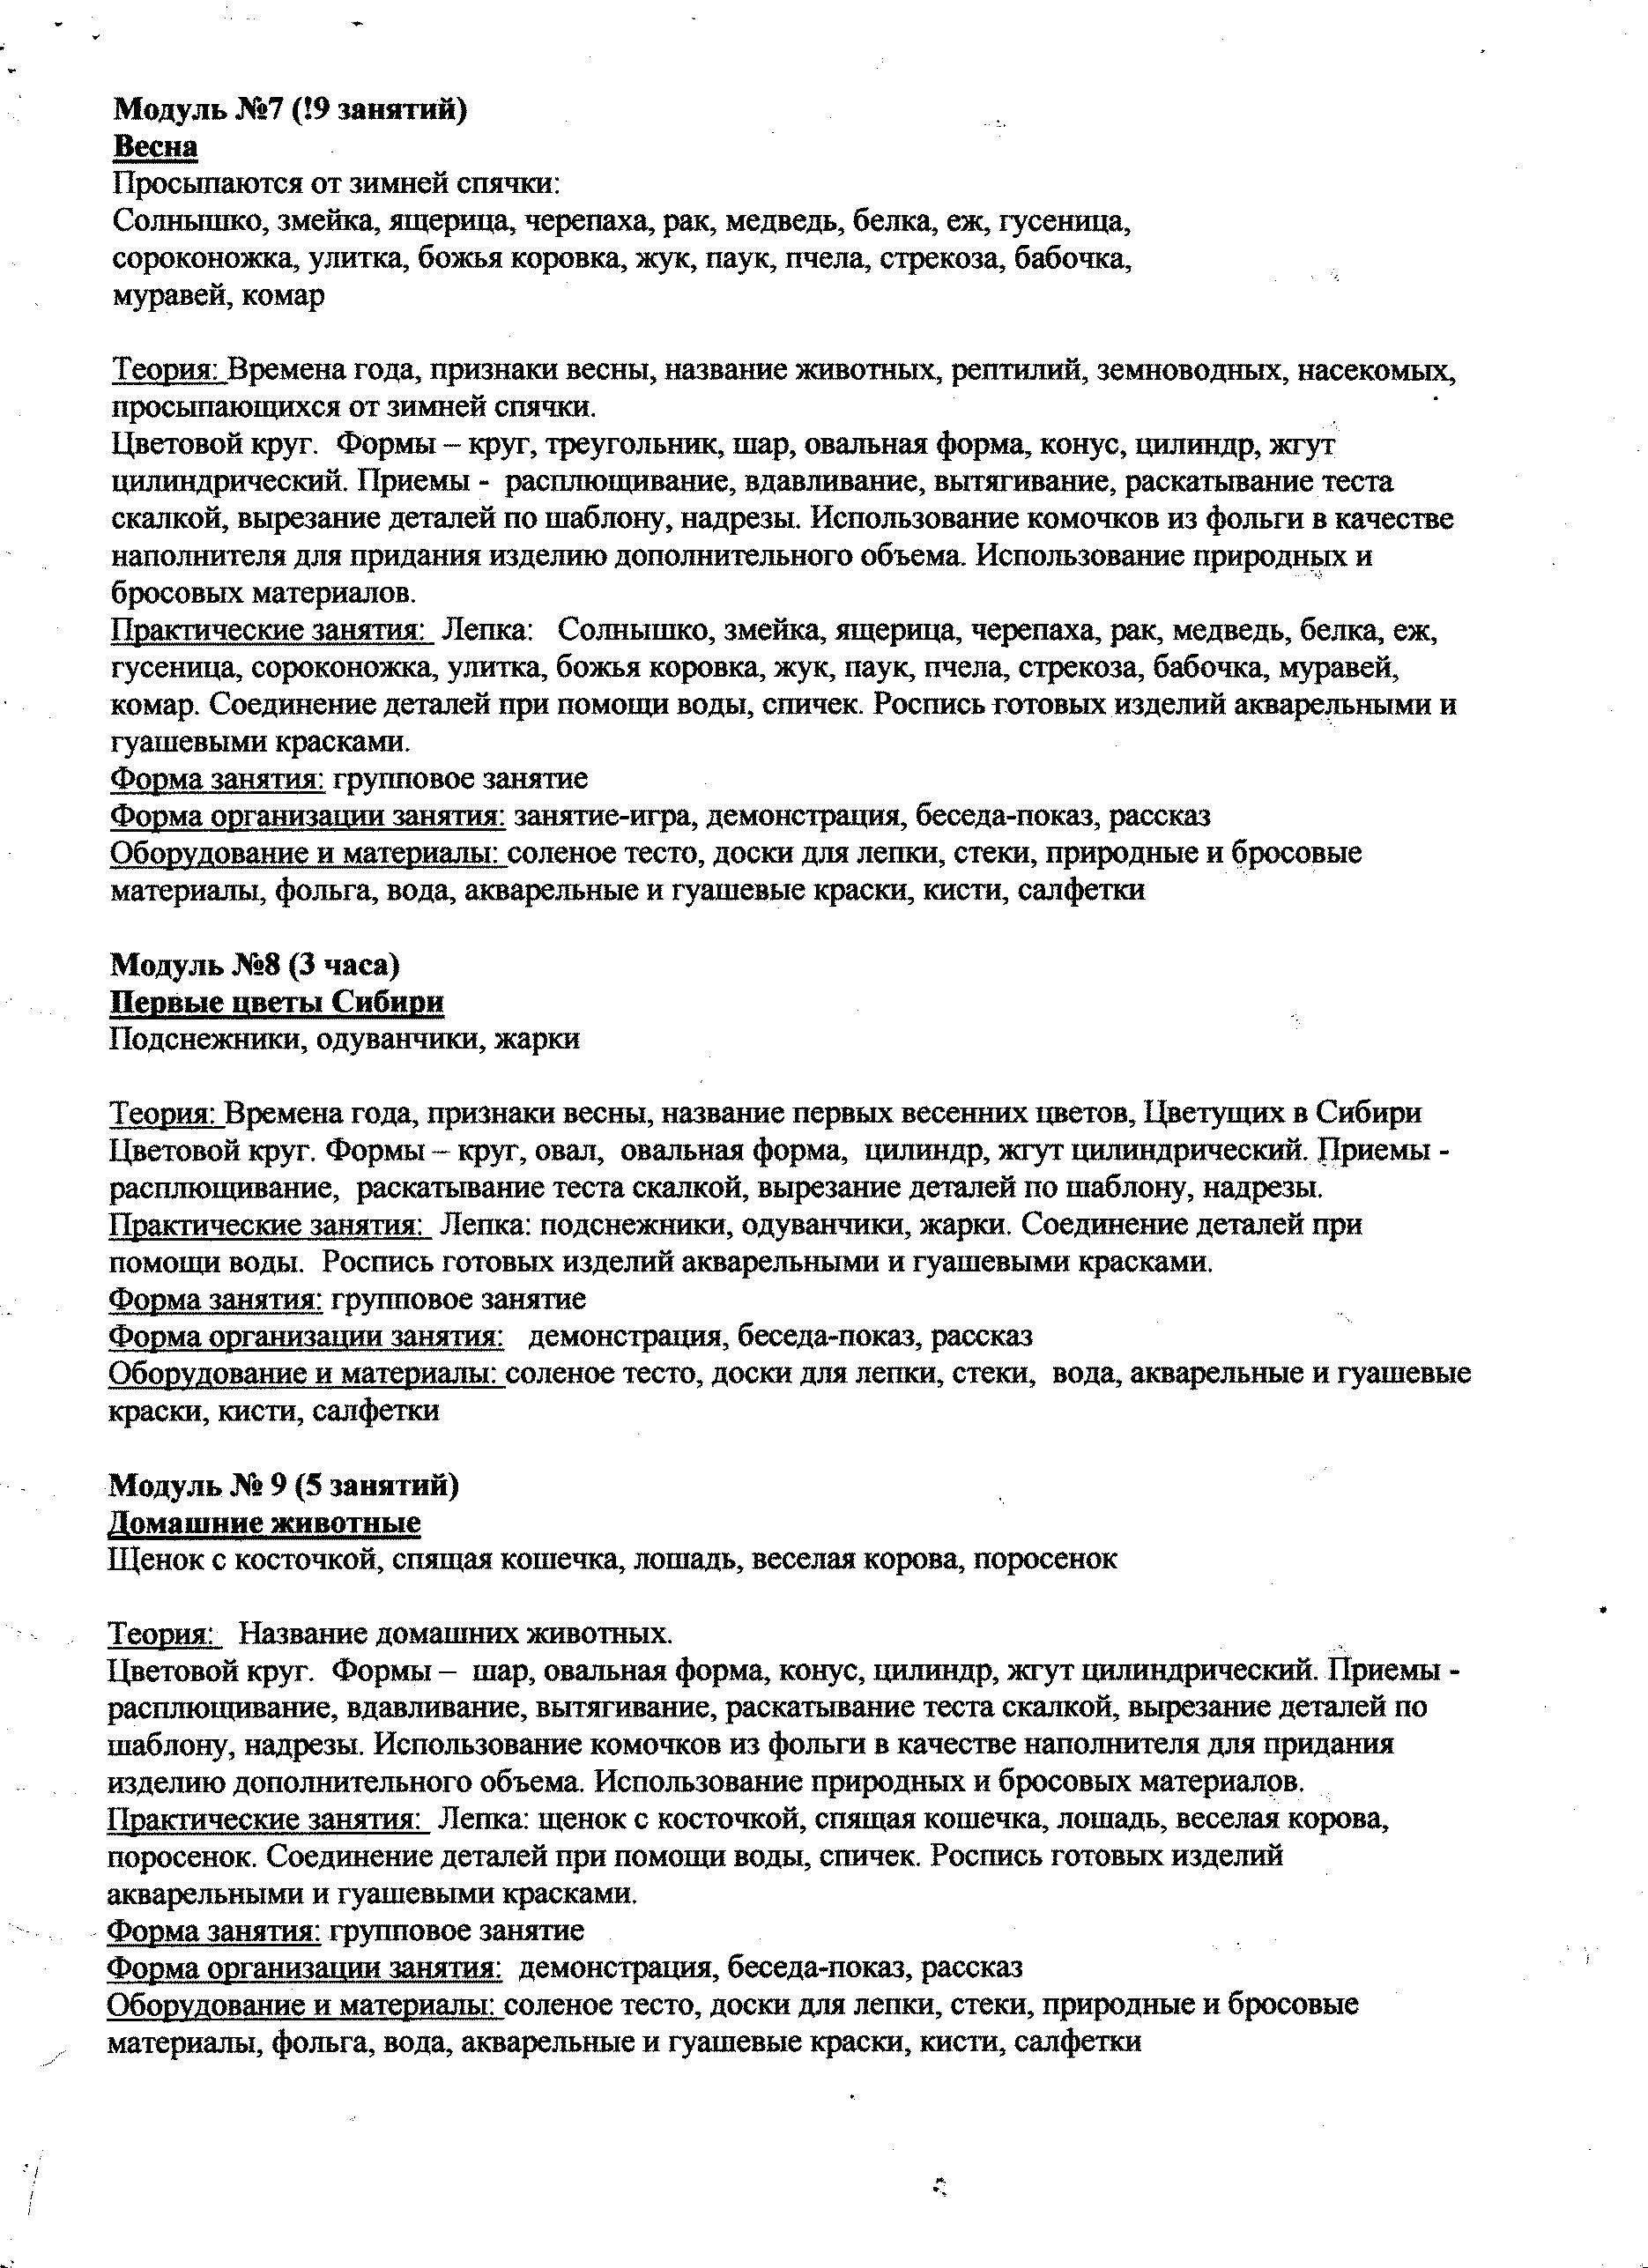 C:\Users\Виталий\Desktop\скан\004.tif